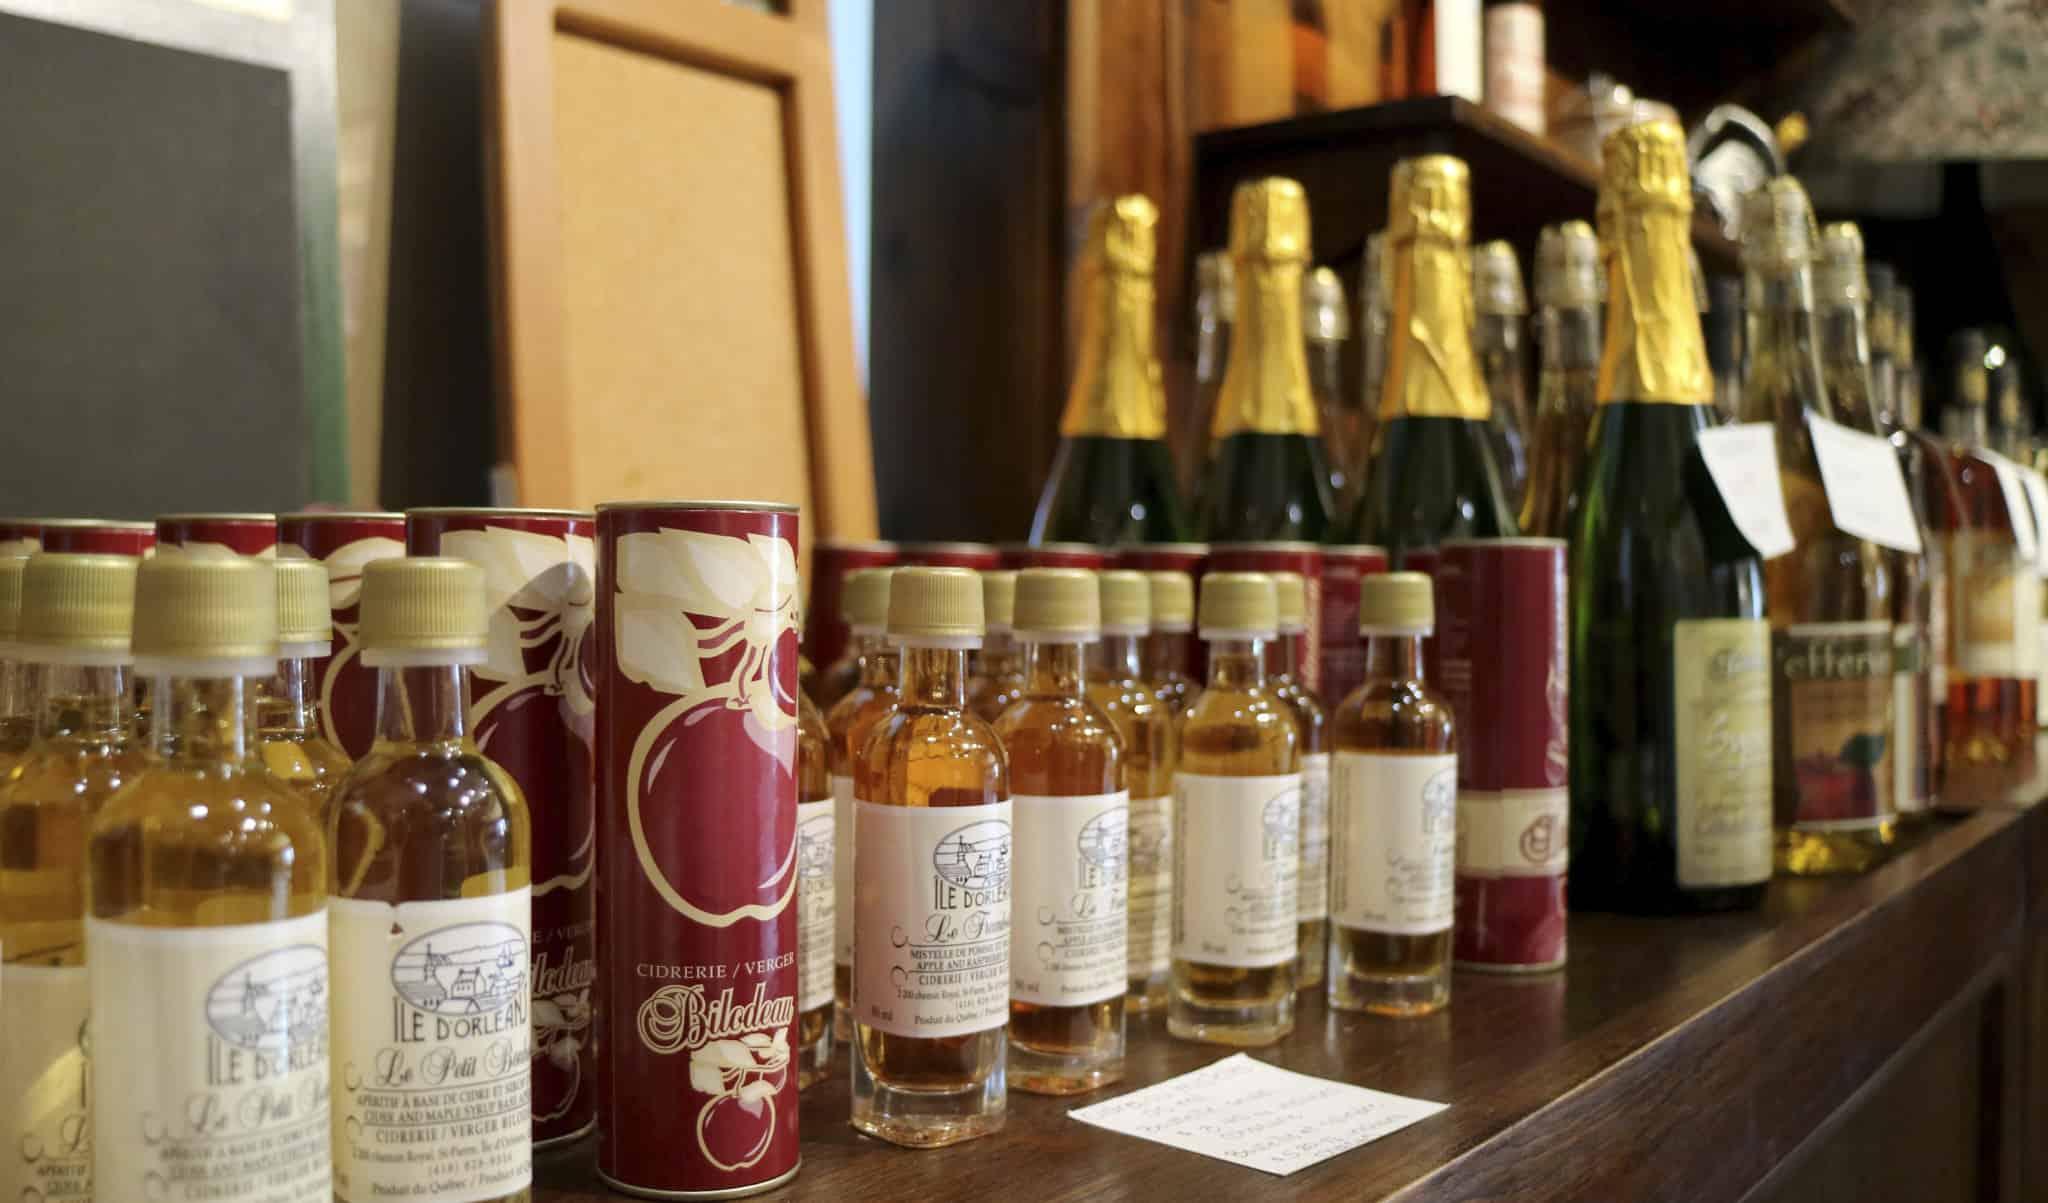 Quebec_Bilodeau more bottles